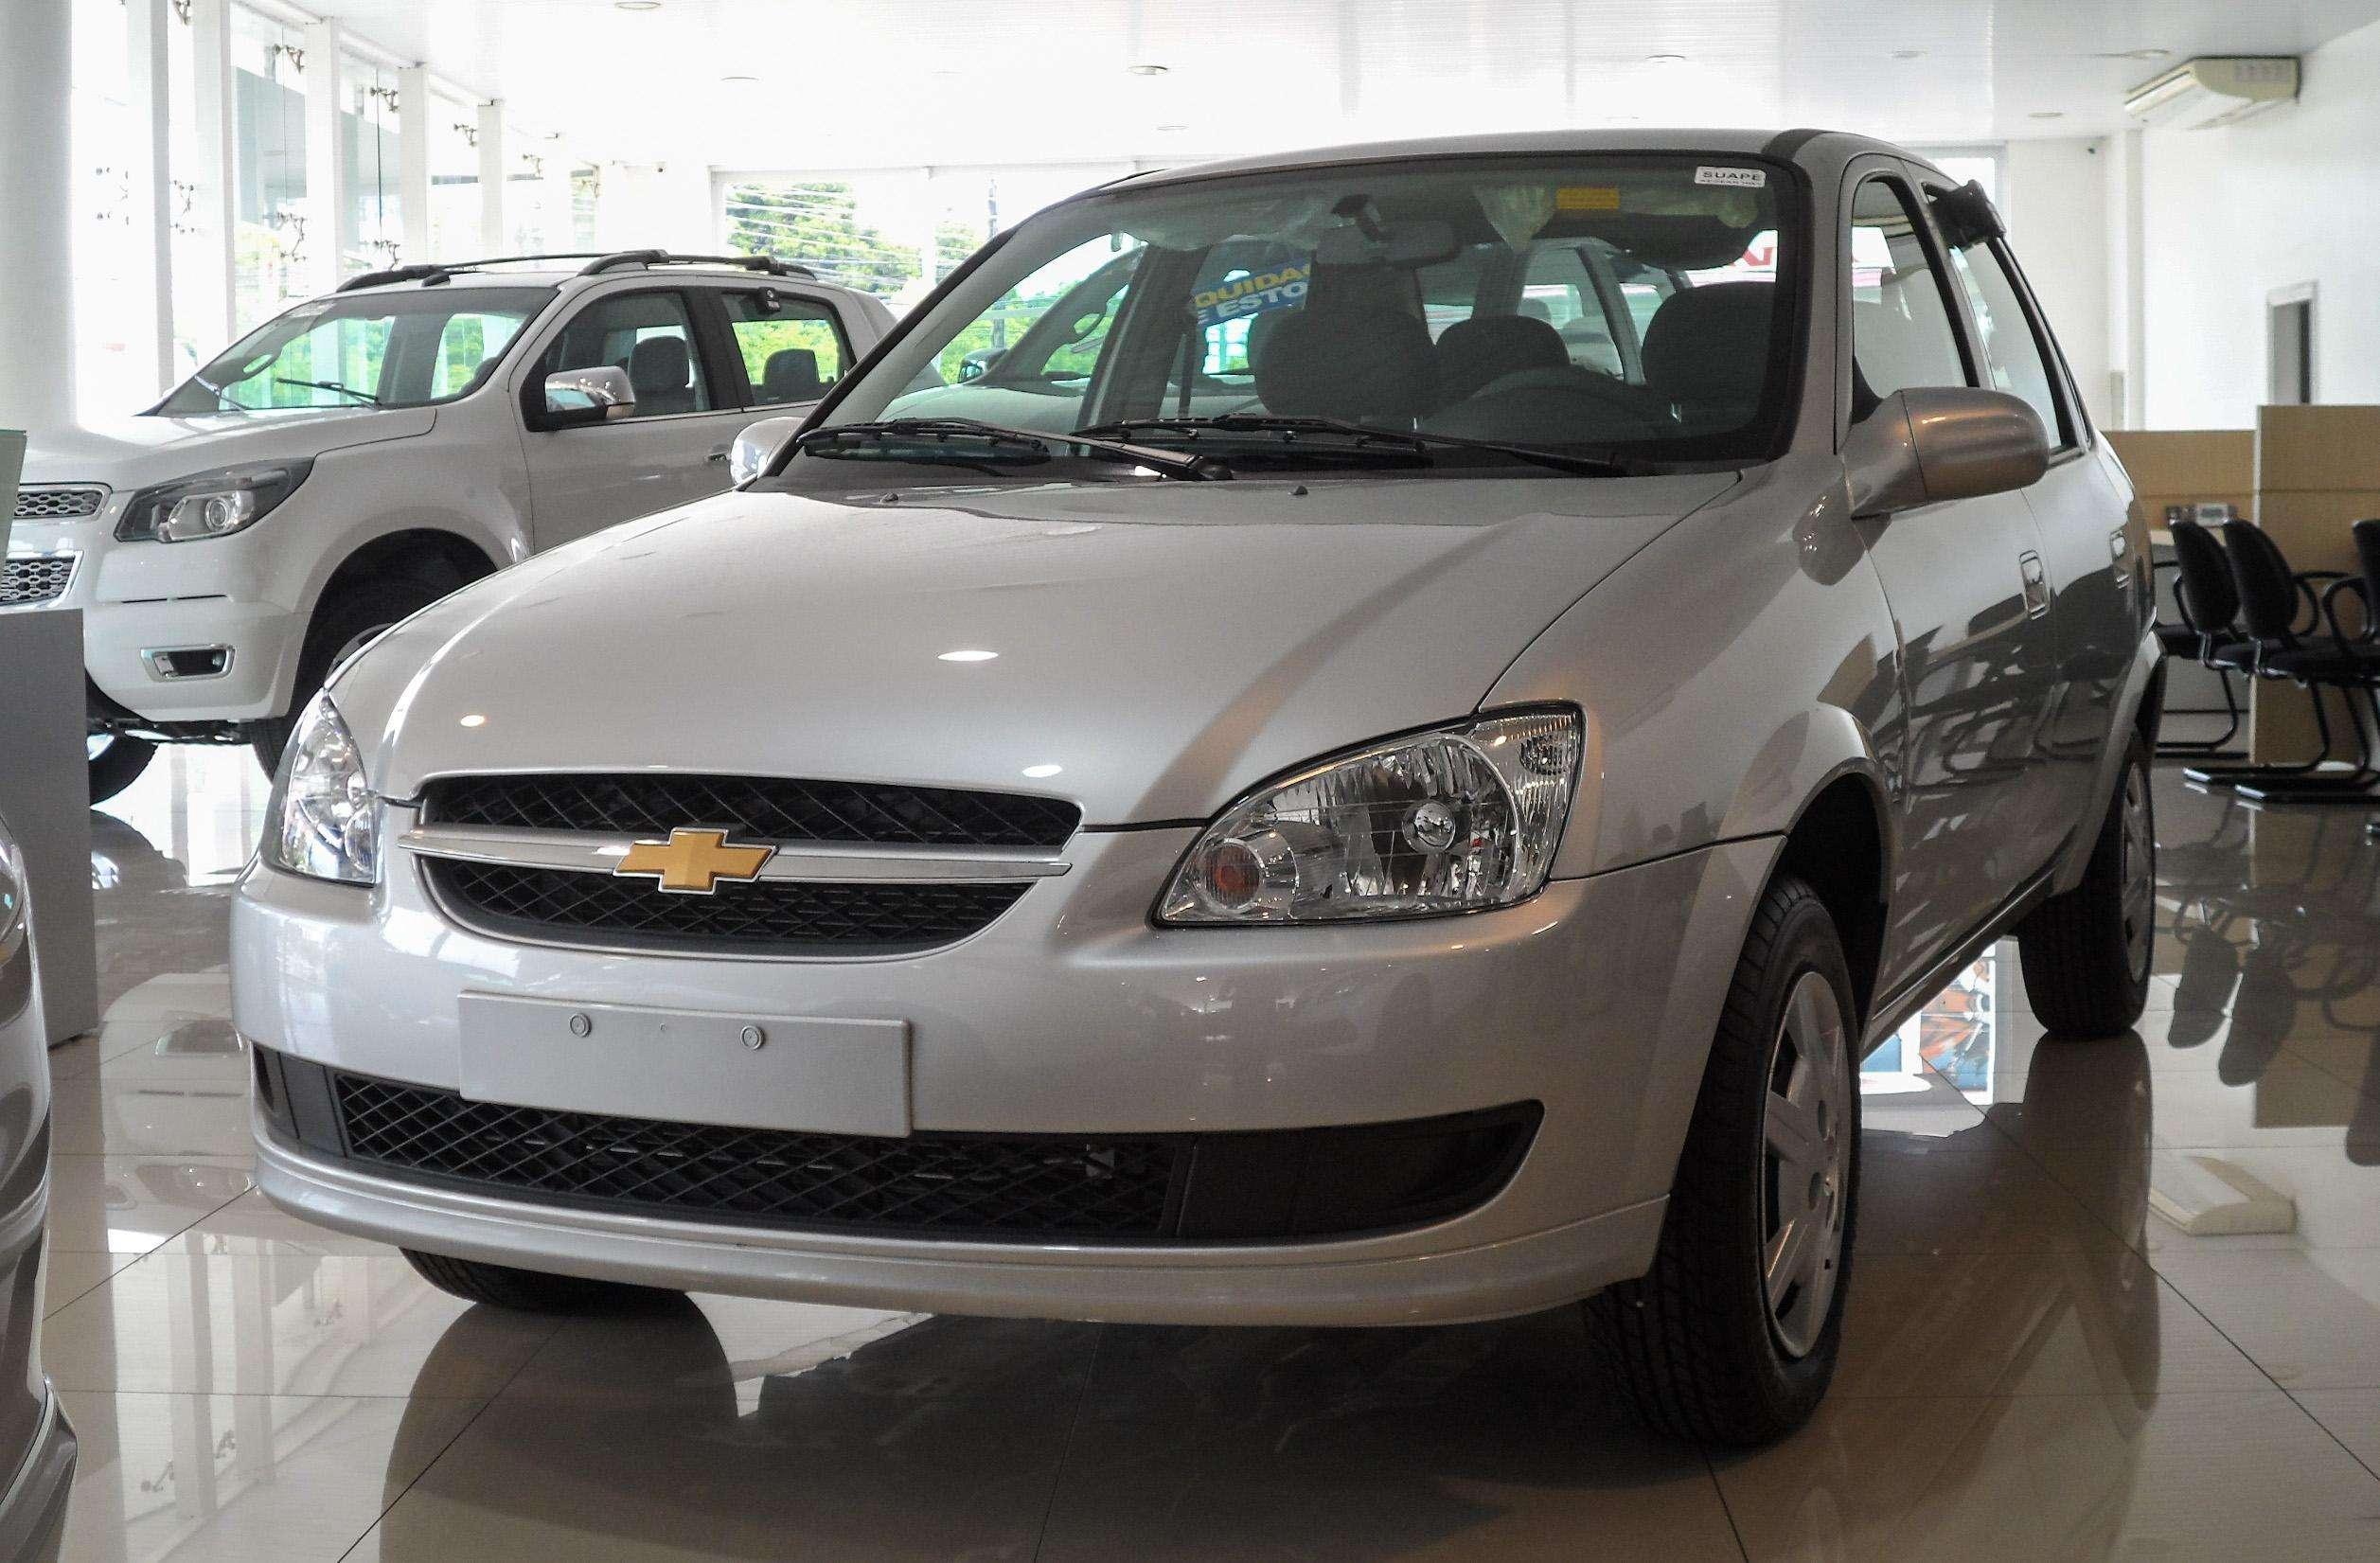 Carnaval de Ofertas: Chevrolet Classic por R$ 29.990